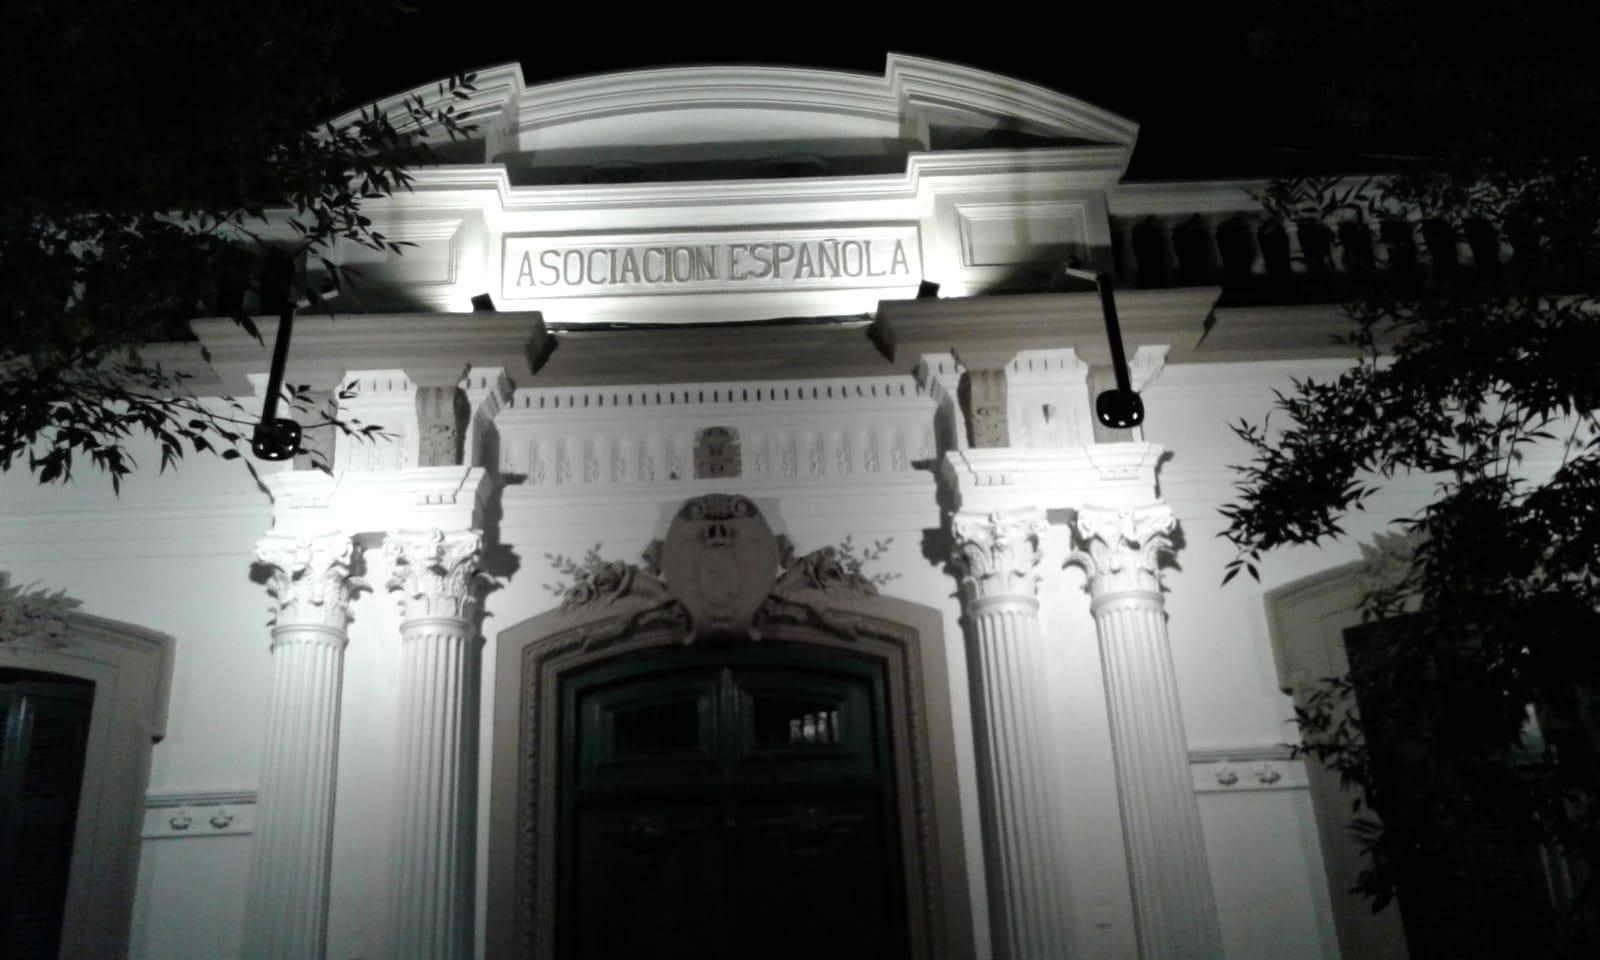 Vista parcial nocturna de la fachada del Instituto Cultural Español de San José